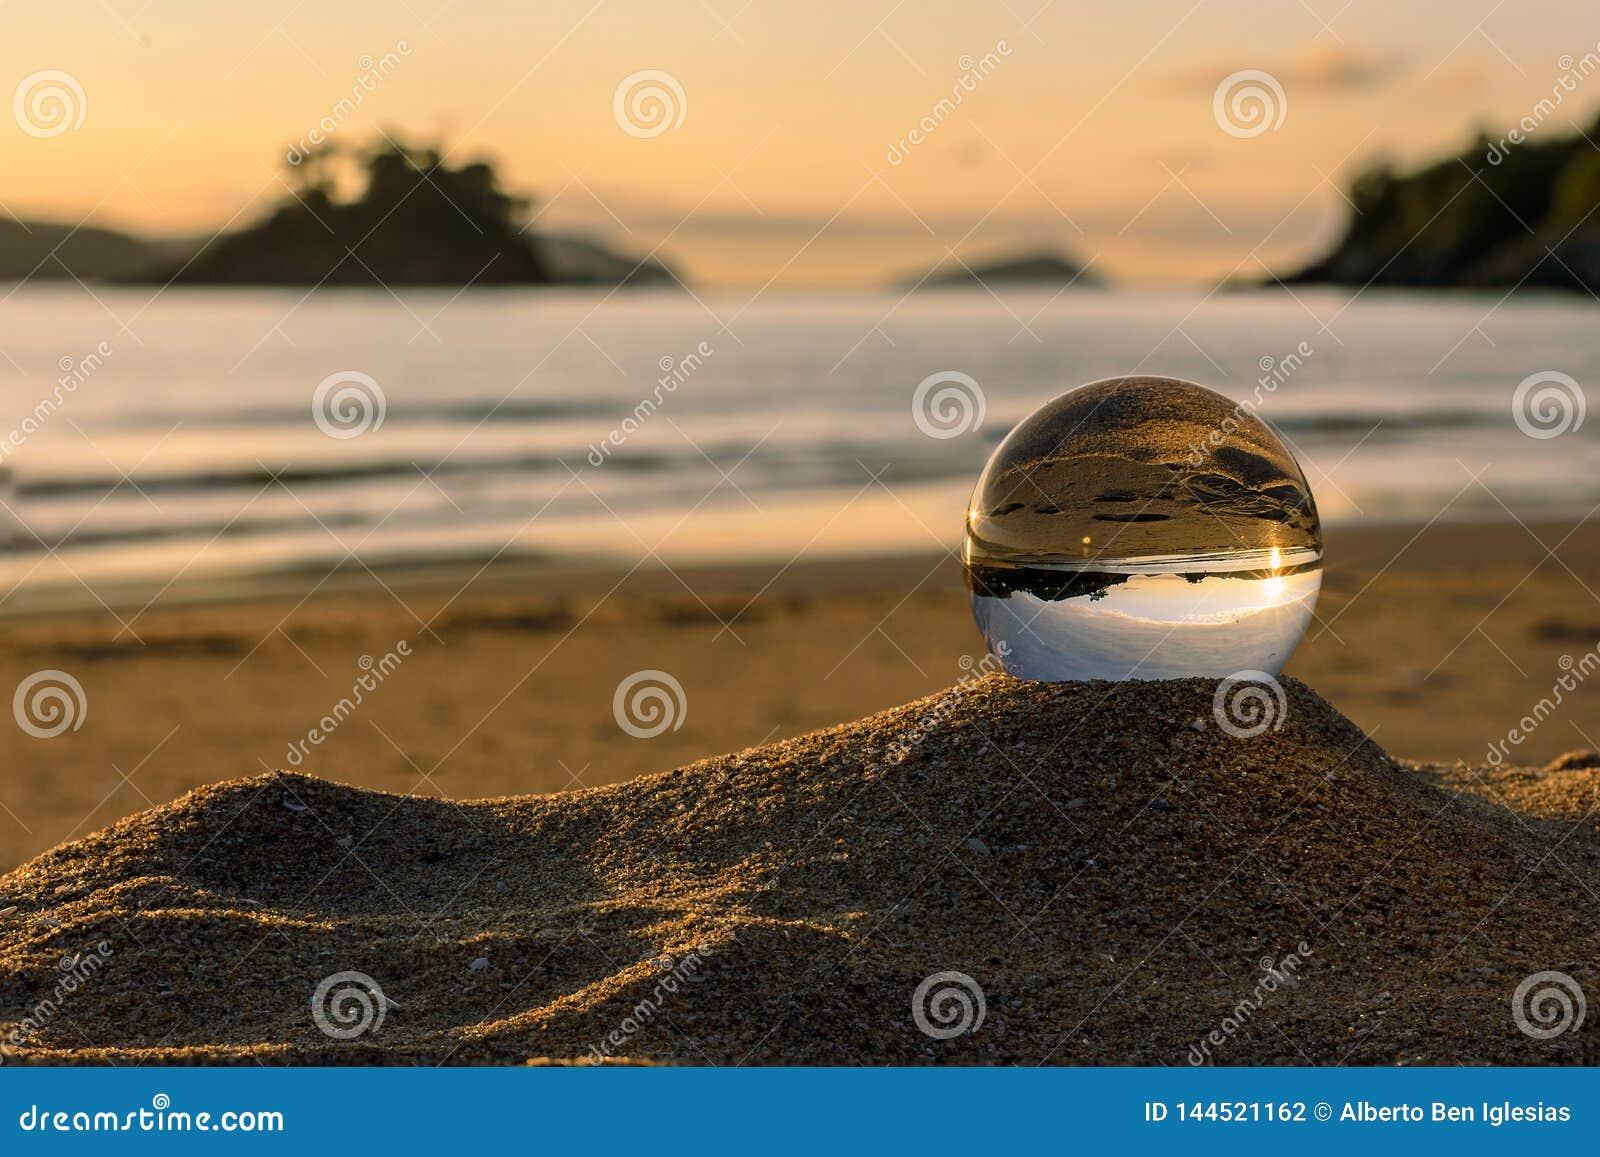 Ηλιοβασίλεμα και παραλία σε μια σφαίρα κρυστάλλου